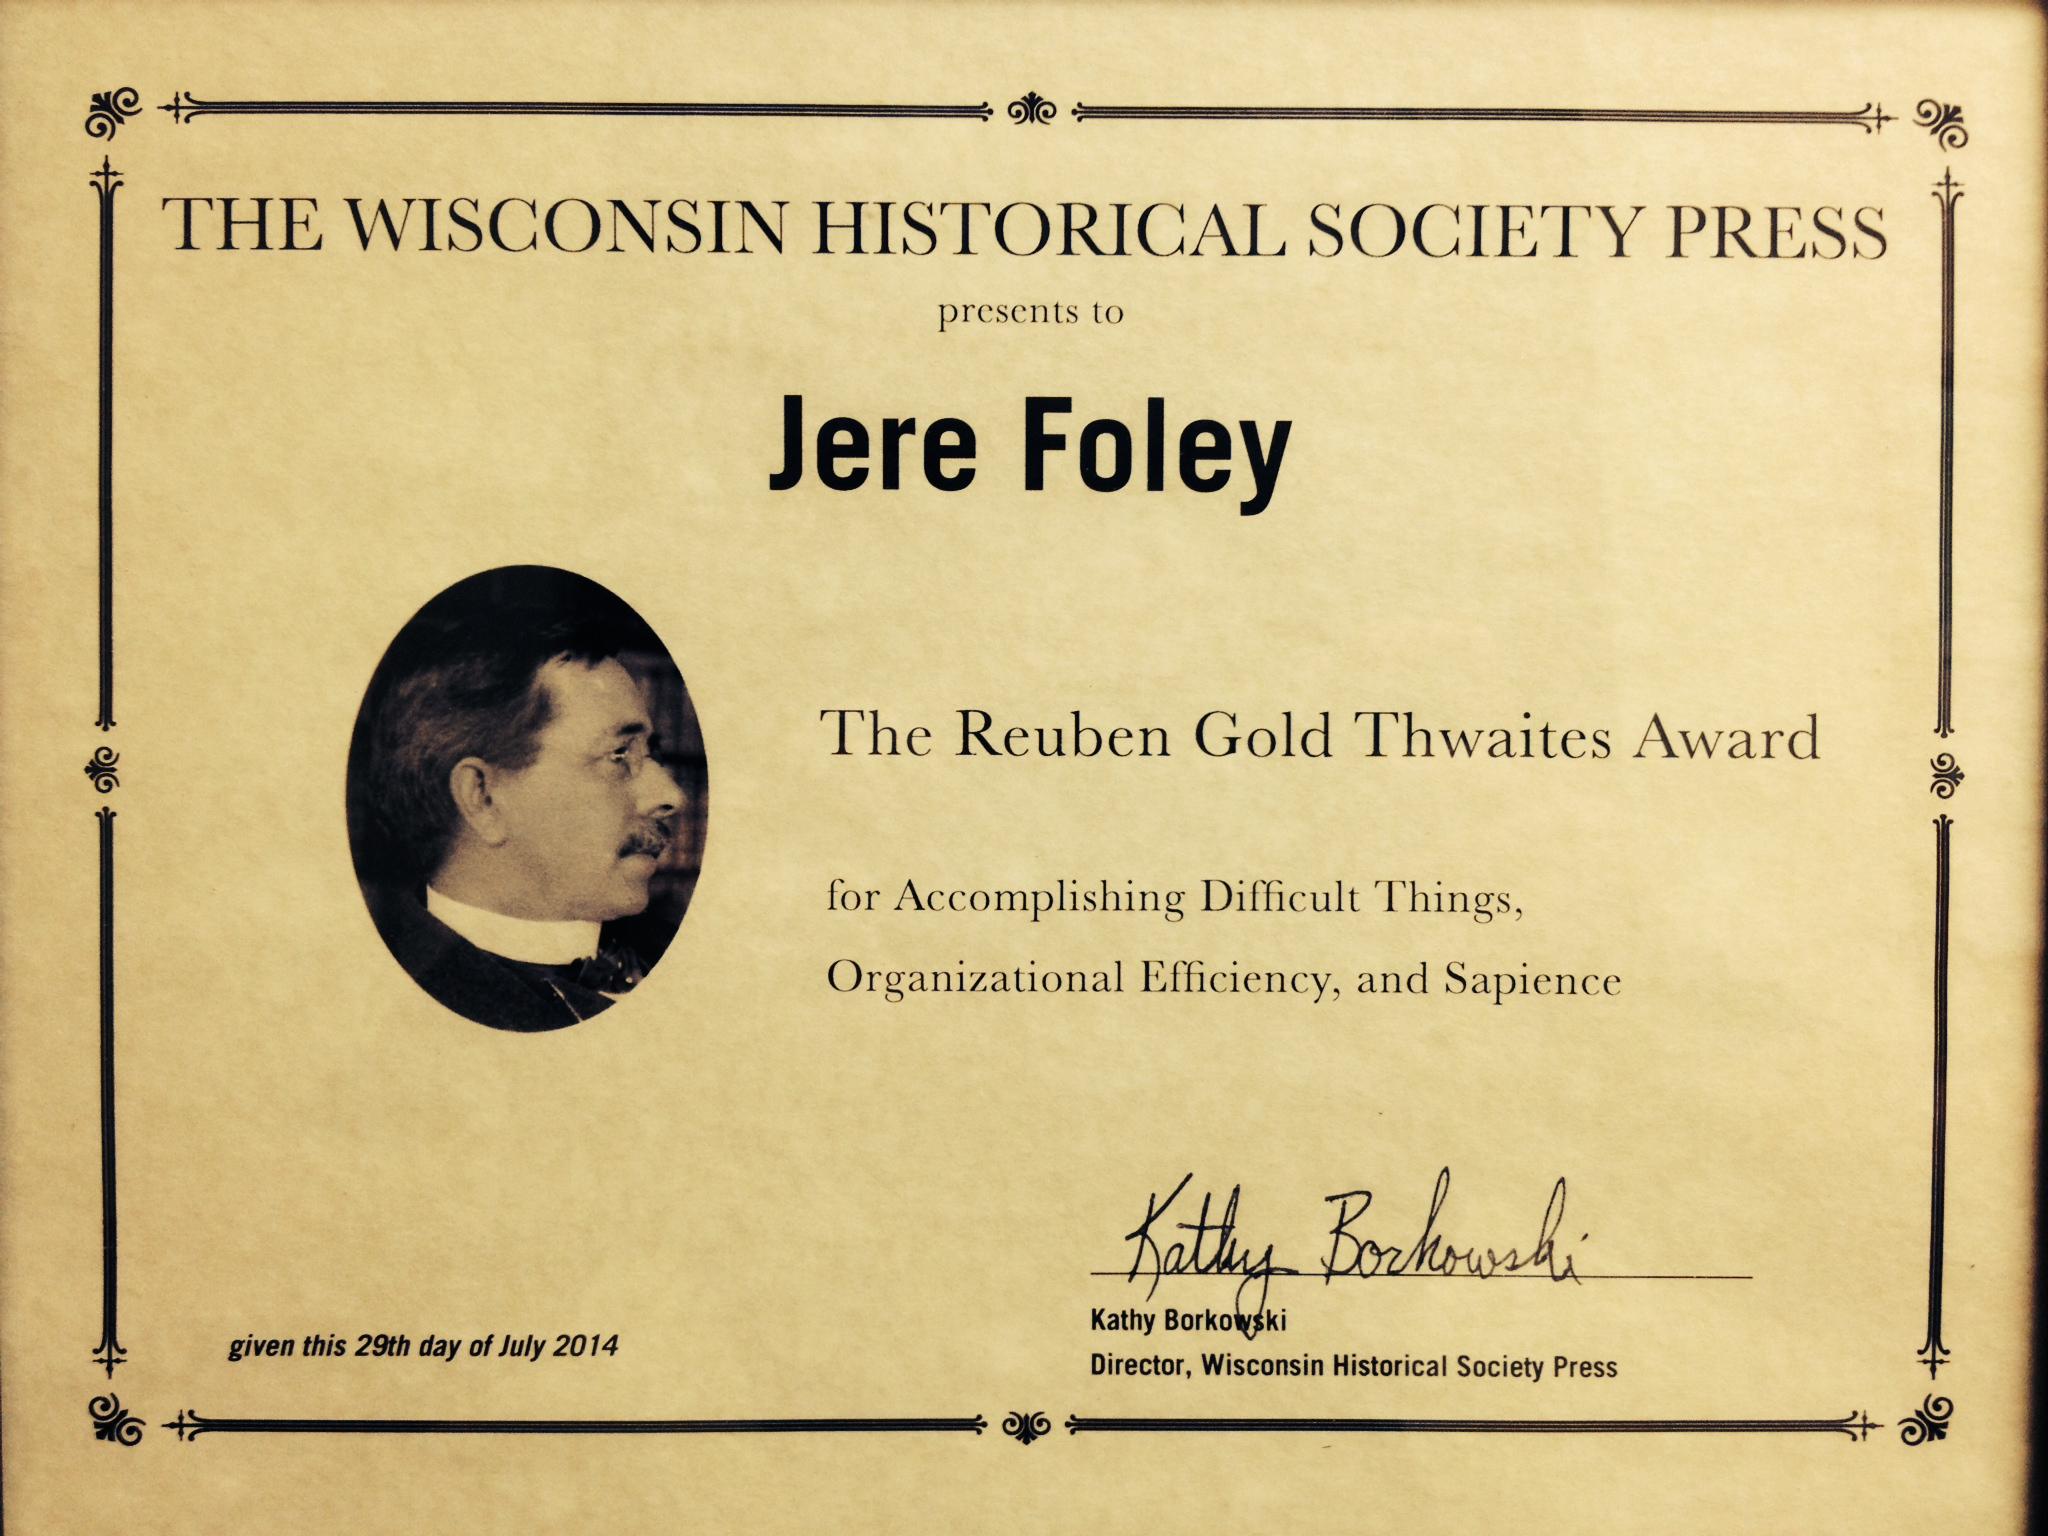 The Reuben Gold Thwaites Award